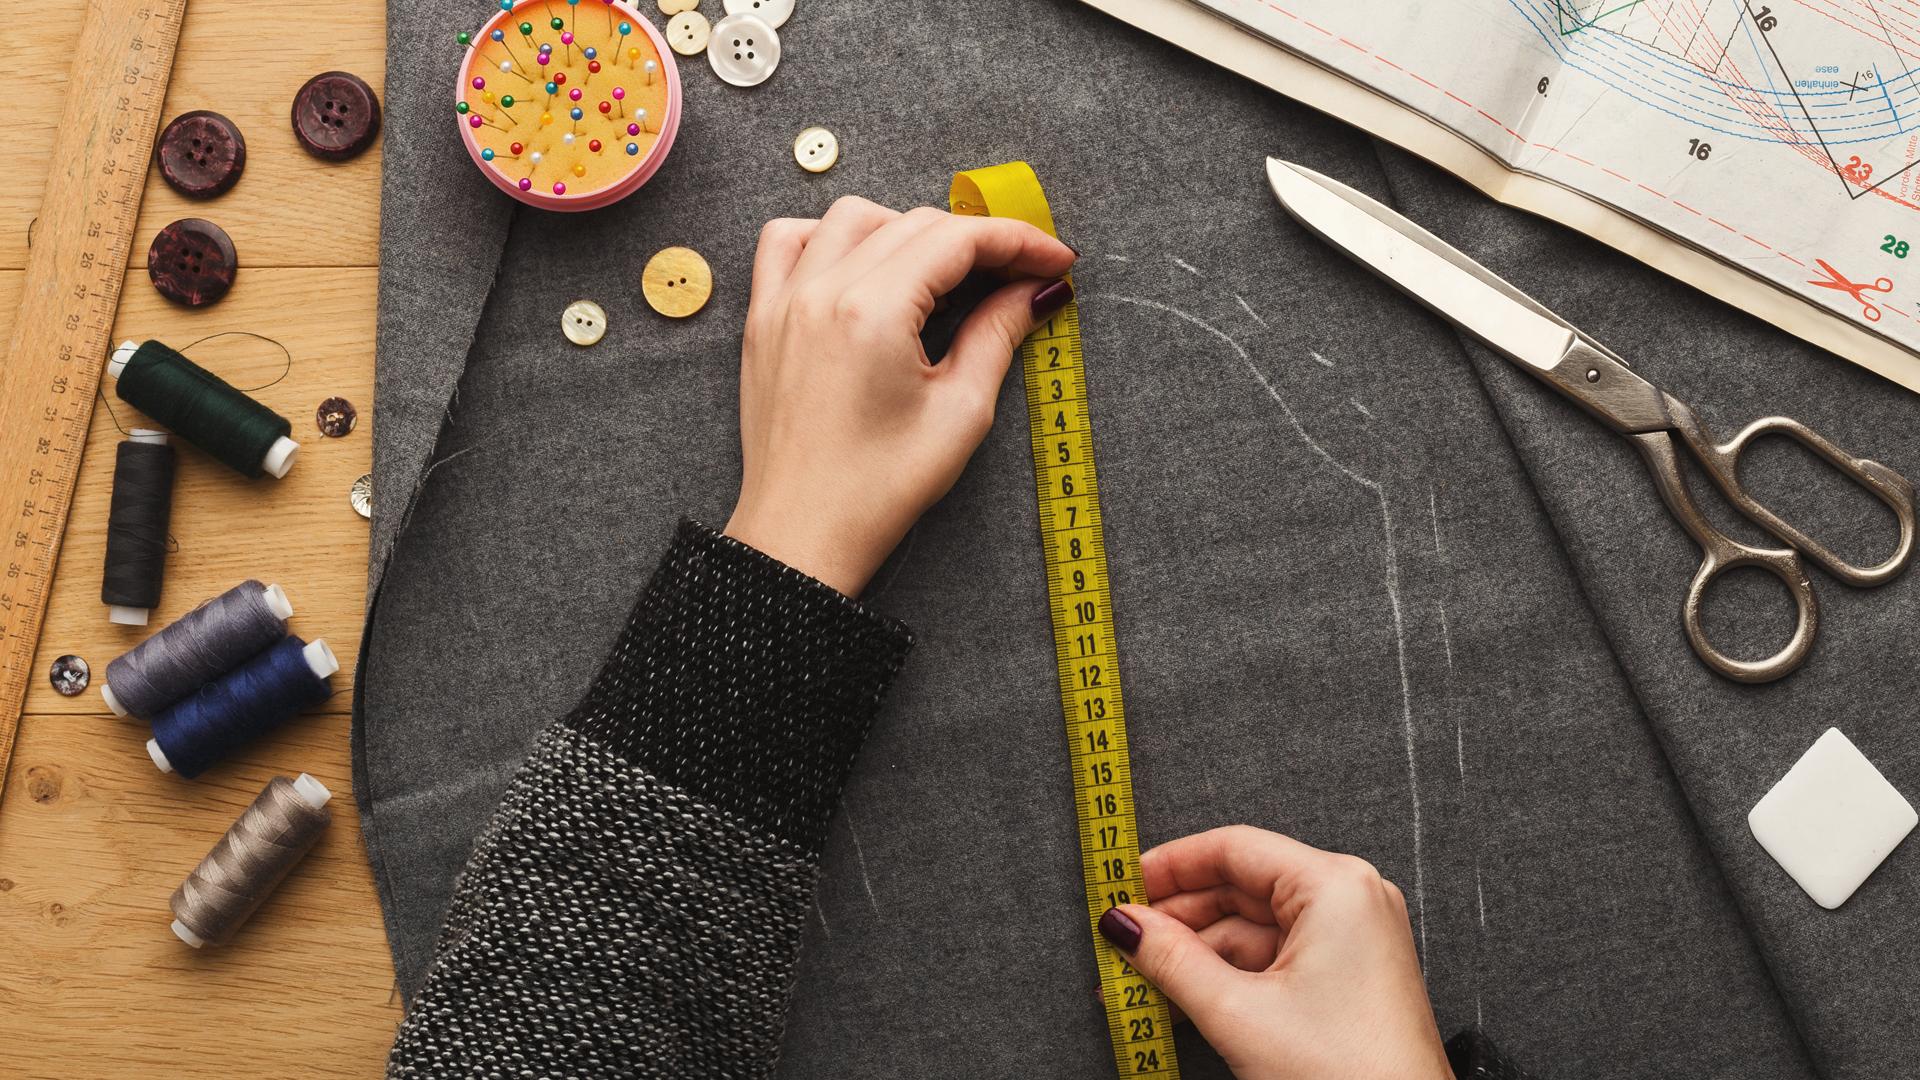 Pattern making in fashion designing